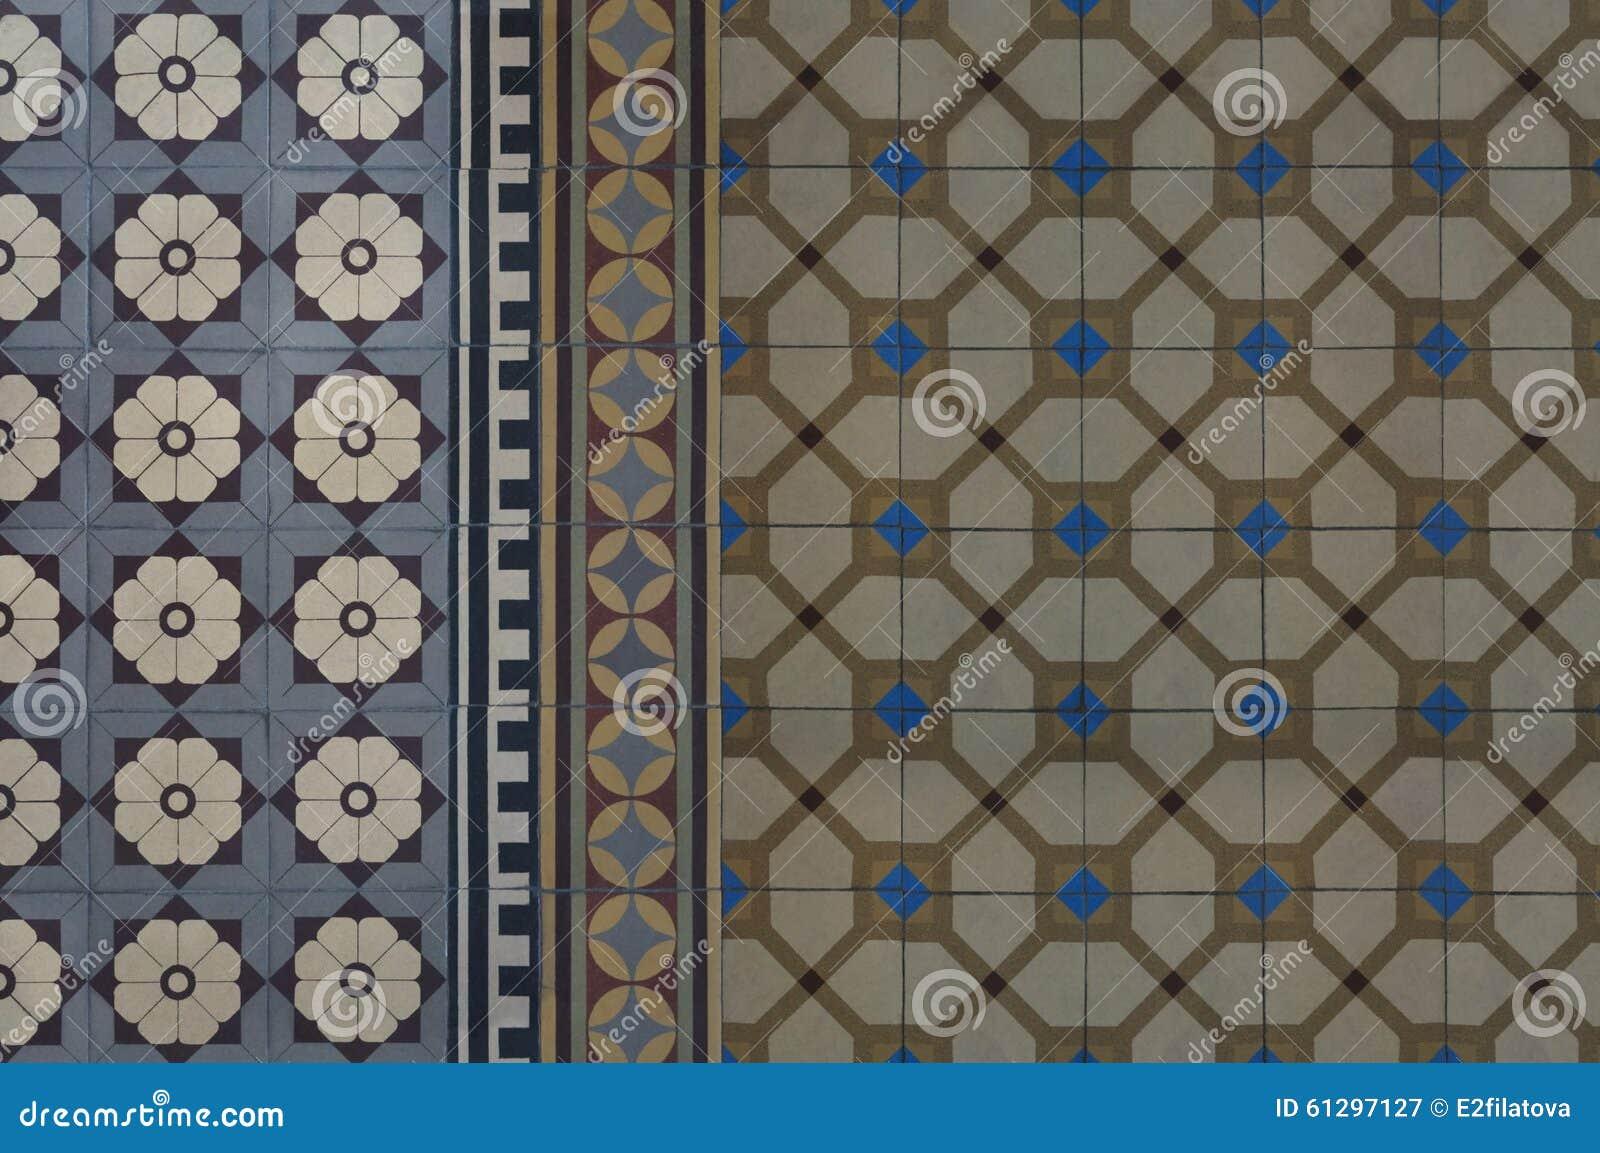 Vintage Ceramic Floor Tile Stock Image Image Of Tile